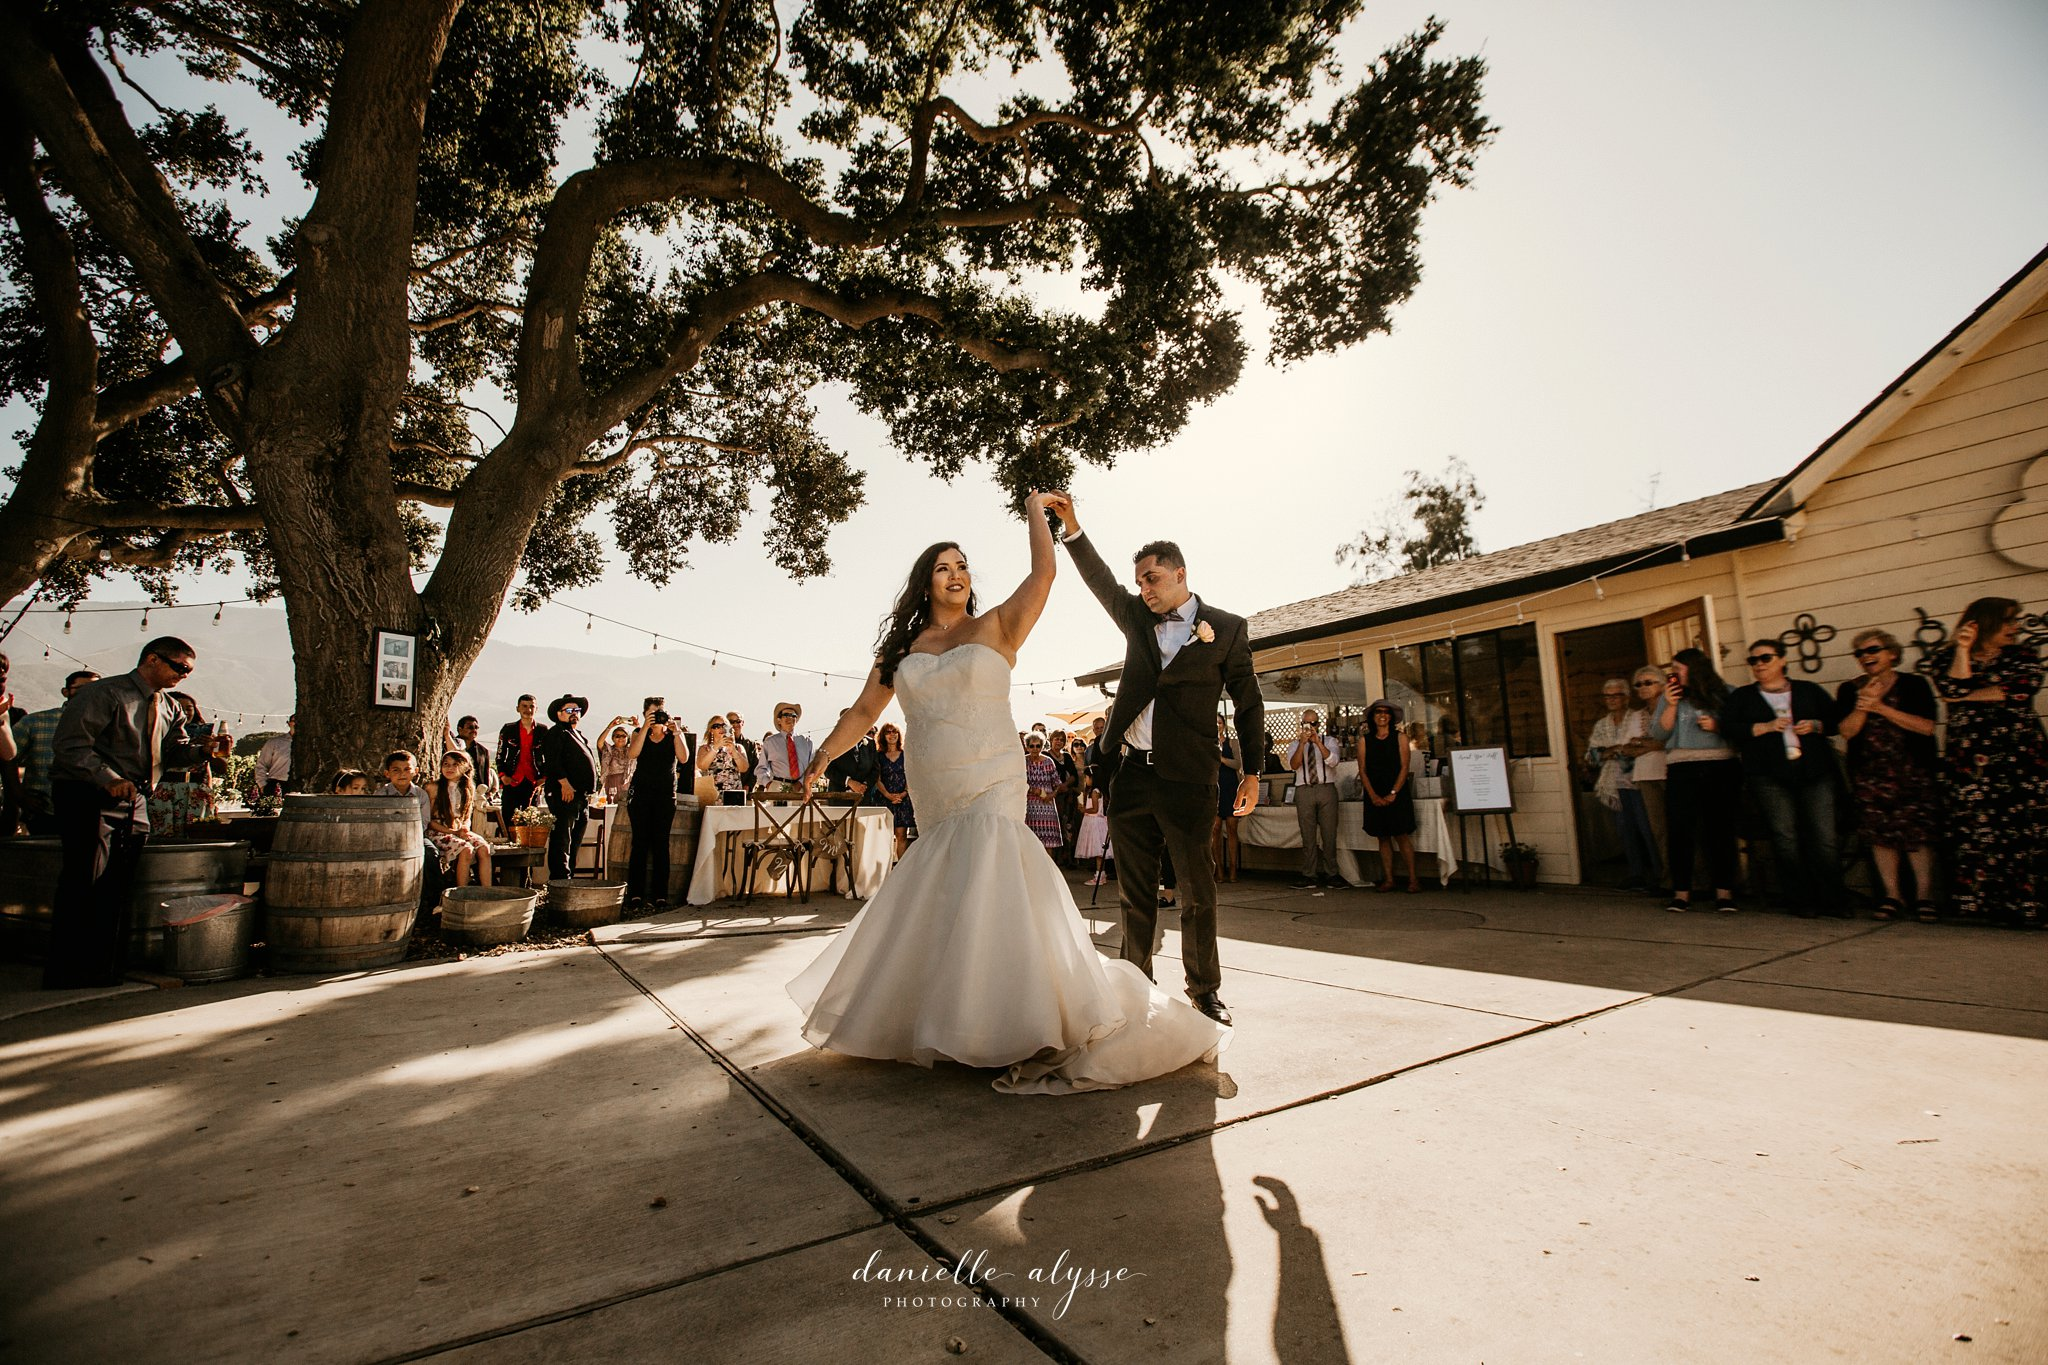 180630_wedding_lily_ryan_mission_soledad_california_danielle_alysse_photography_blog_788_WEB.jpg